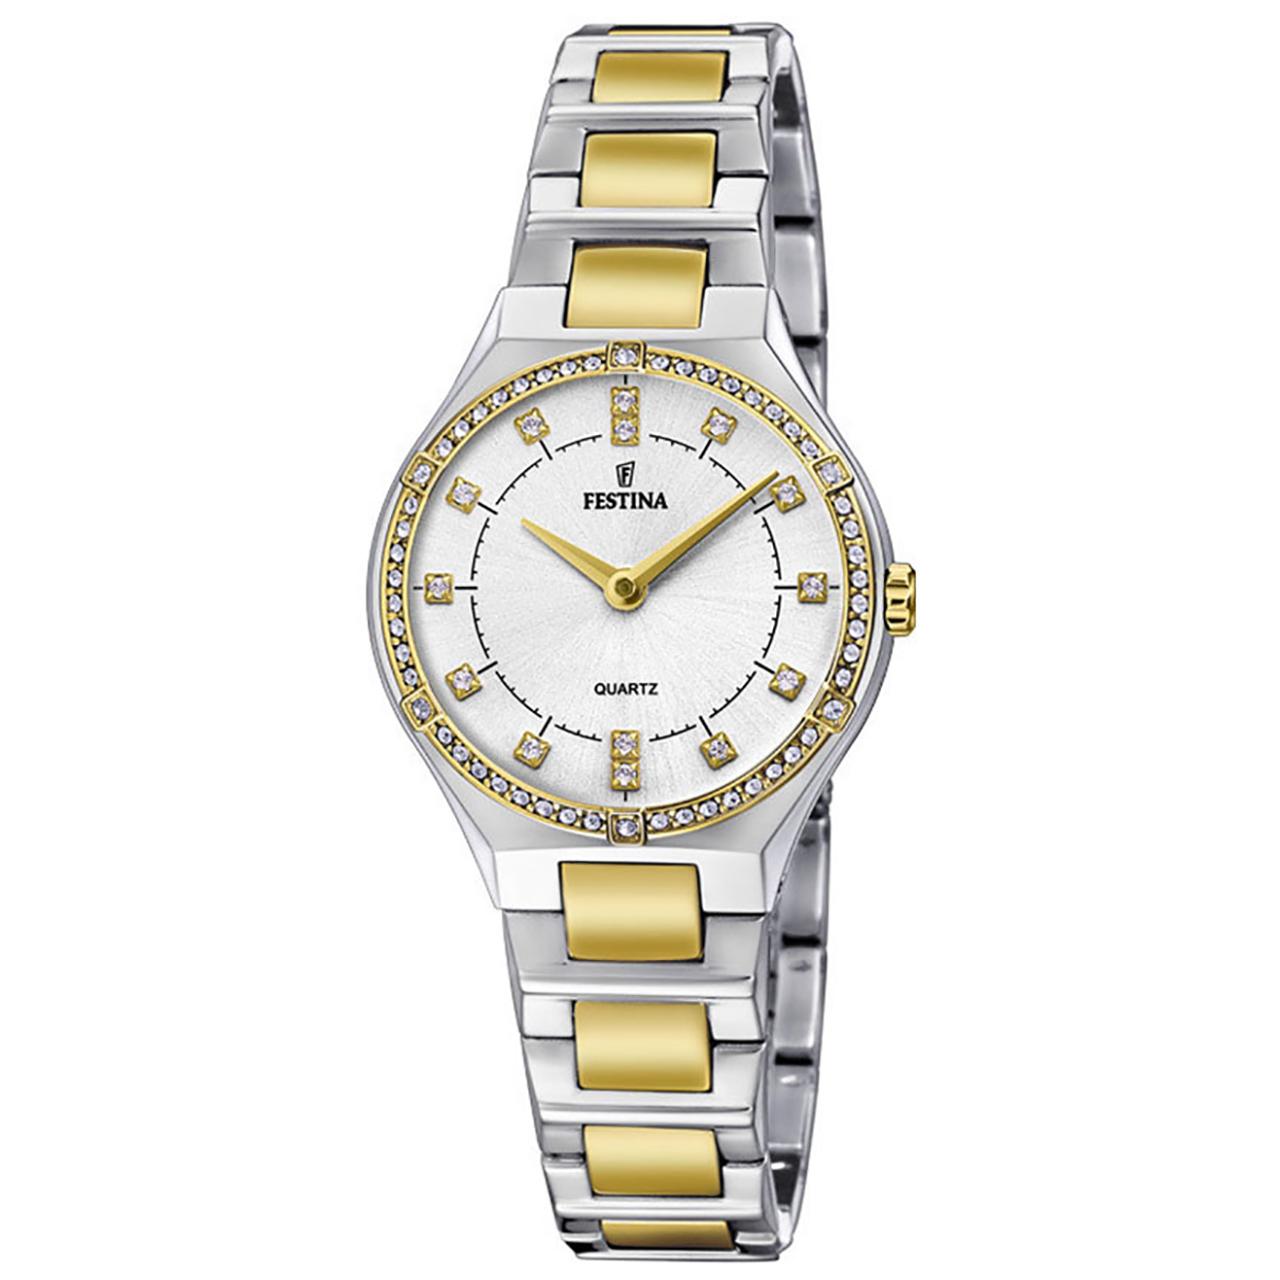 ساعت مچی عقربه ای زنانه فستینا مدل F20226/1 22